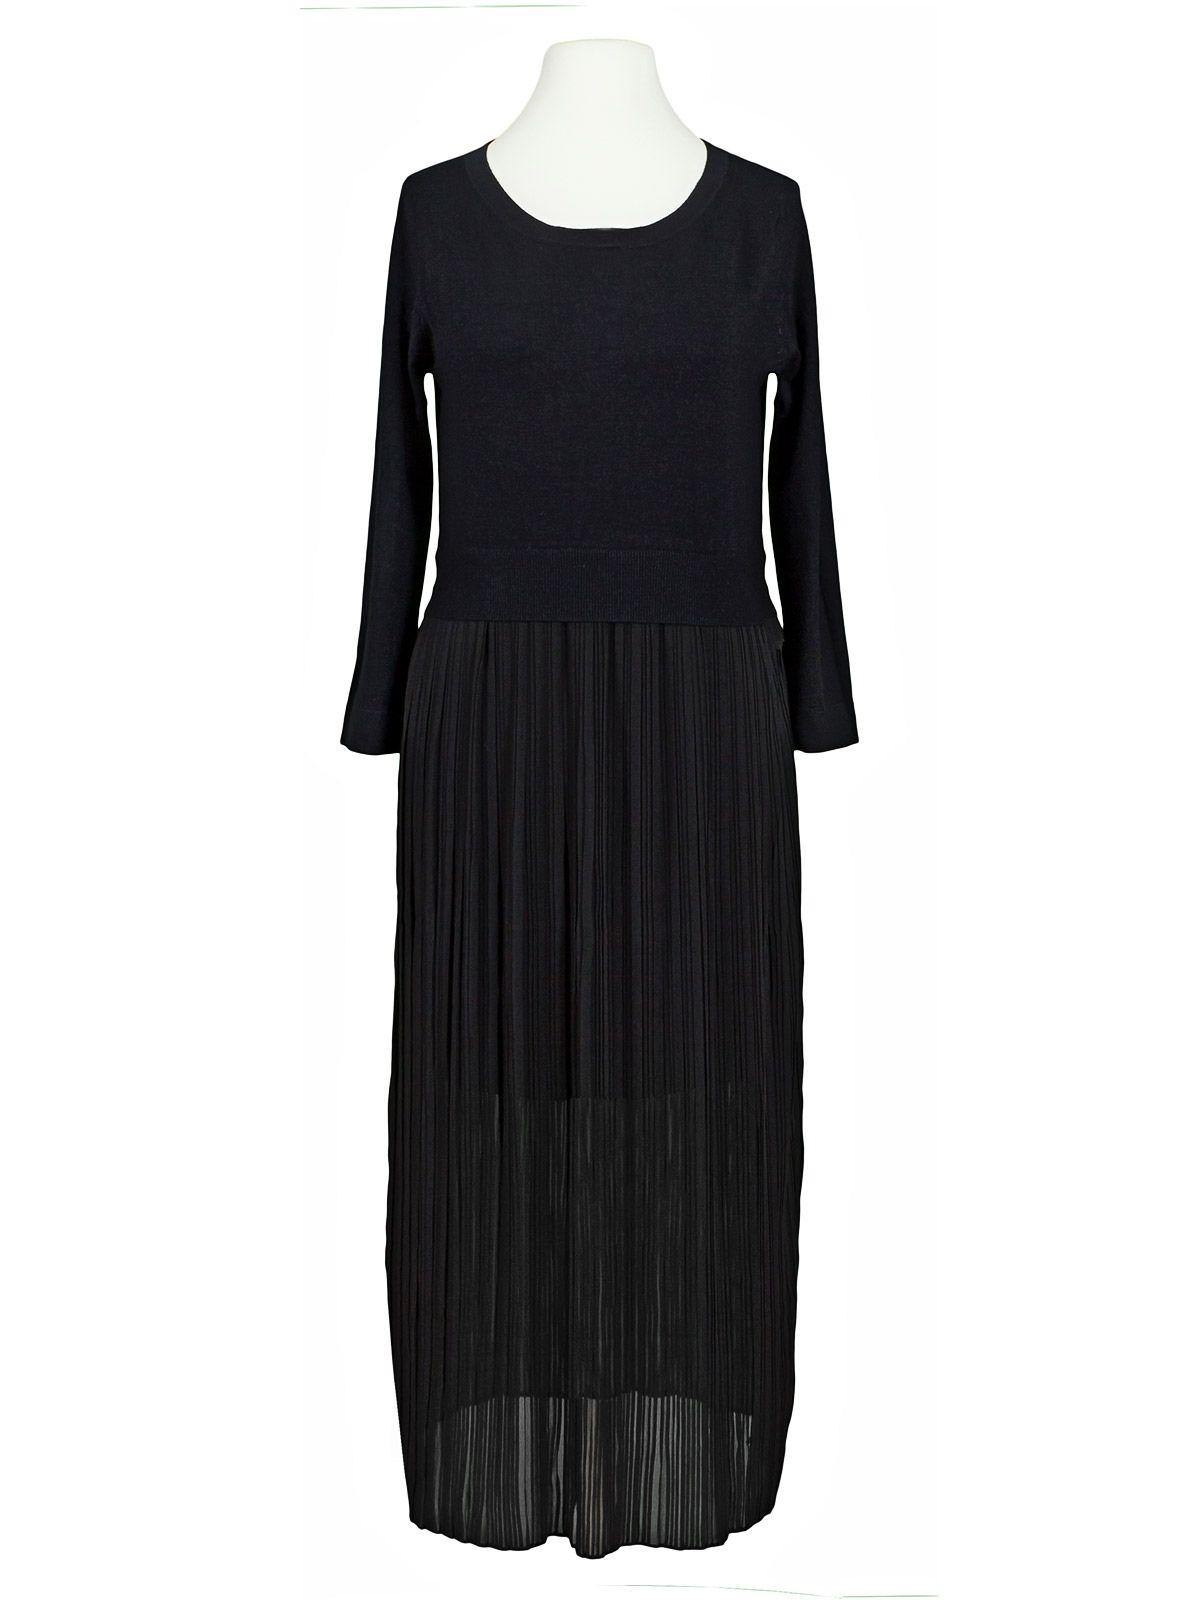 Kleid mit Plisseerock, schwarz | Kleider, Plisseerock